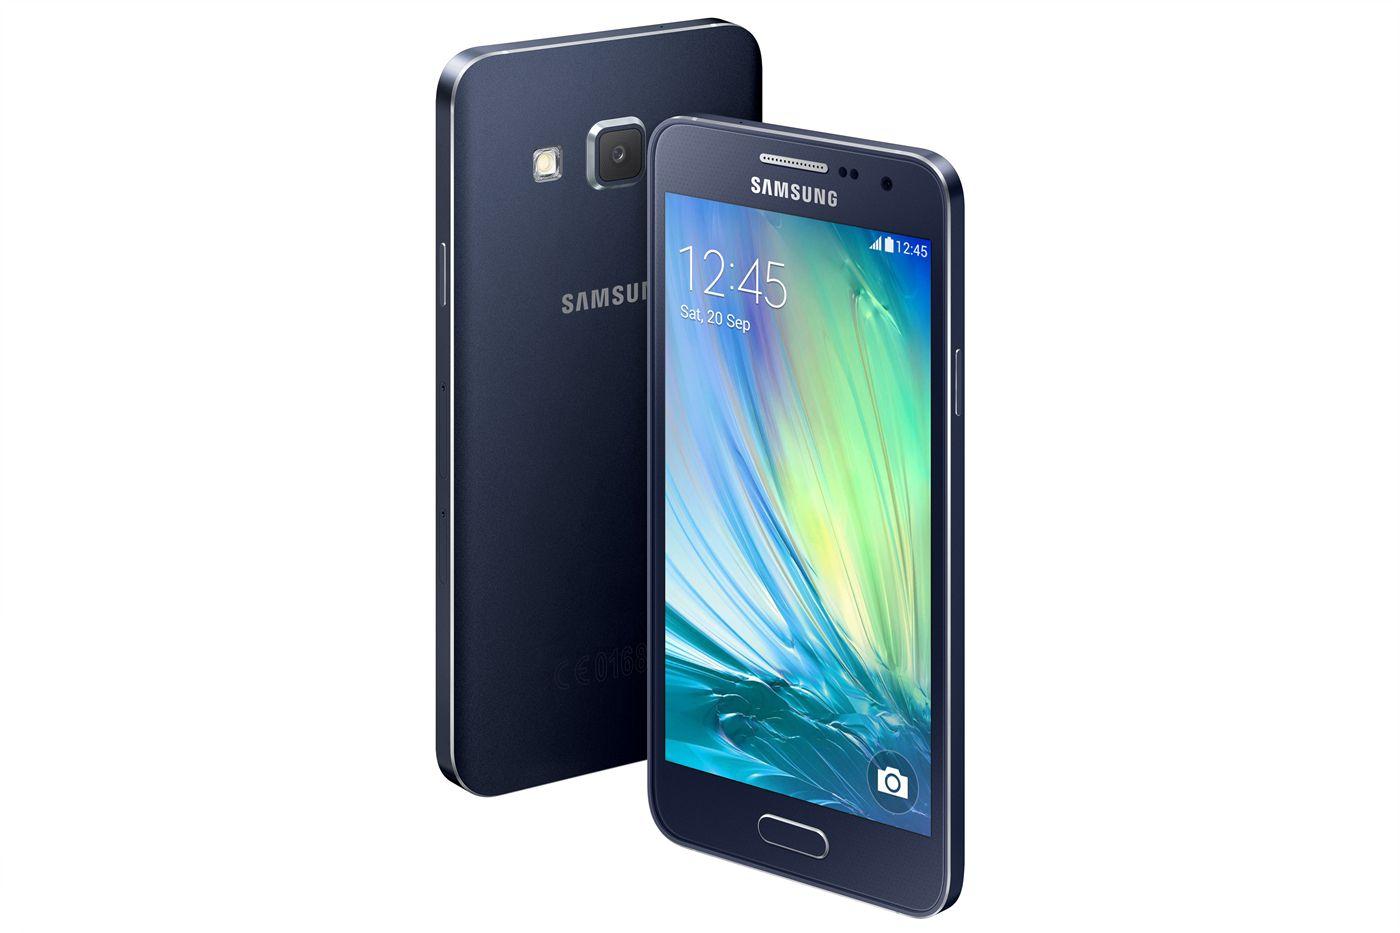 Bon Plan Le Samsung Galaxy A3 2017 Est Disponible Pour 149 S6 Edge Plus G9287c Euros Http